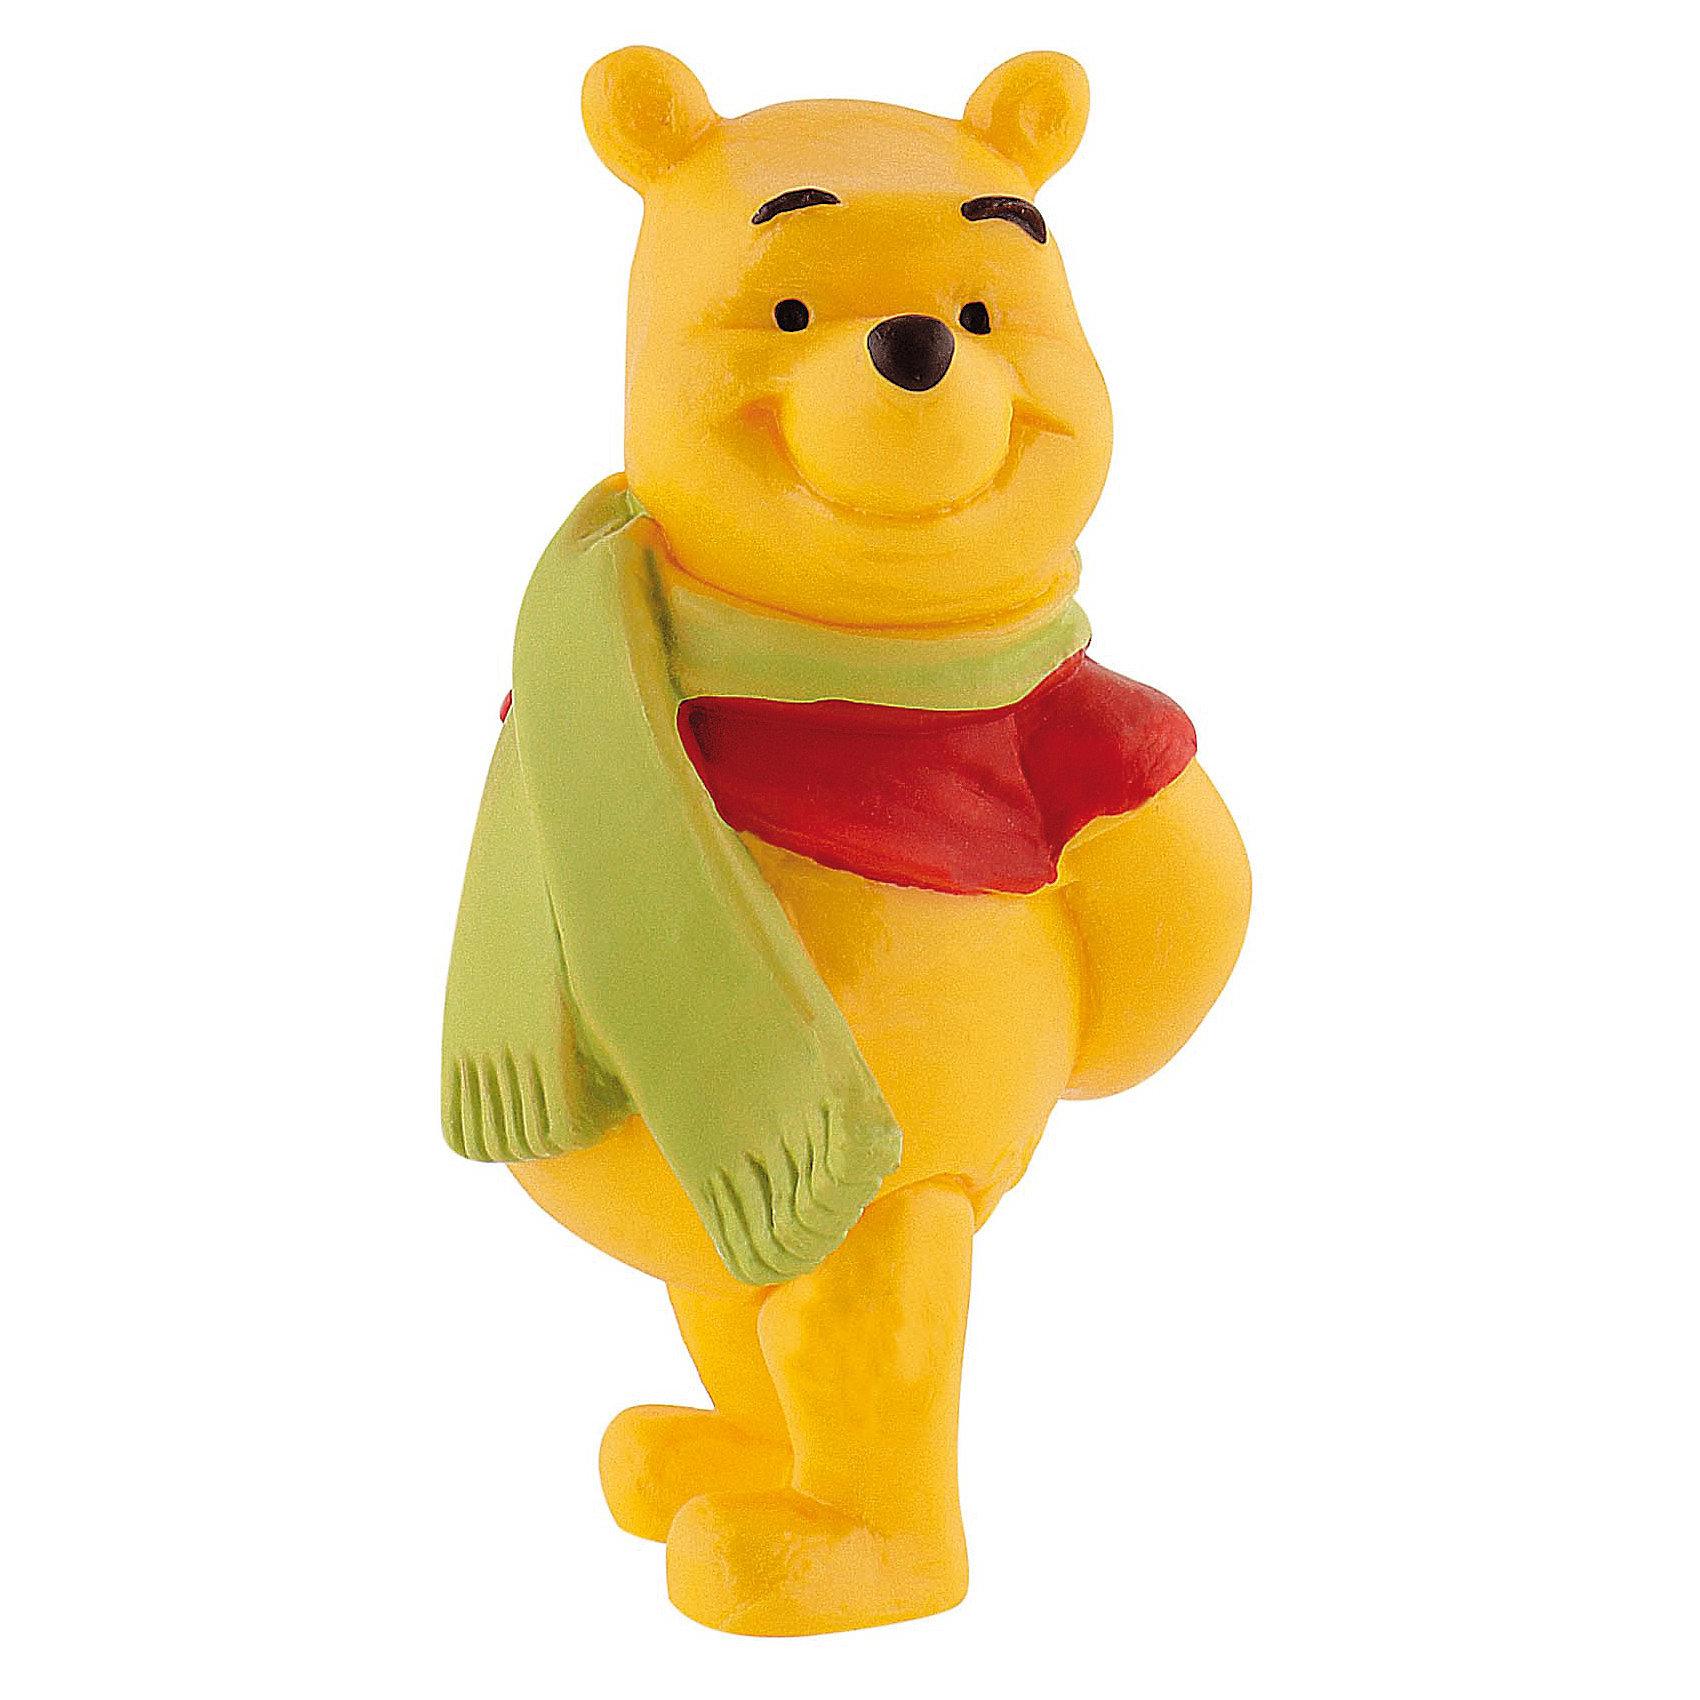 Фигурка Винни с шарфом, Винни ПухВинни Пух Дисней<br>Фигурка медвежонка Винни-Пуха из мультфильма студии Уолта Диснея «Винни-Пух и все, все, все». Позвольте представиться, я - Винни-Пух! Замечательный плюшевый любимец детей и взрослых. Больше всего на свете я люблю сладкий и душистый мед. Мой лучший друг – поросенок Хрюня. Перед вами моя фигурка в шарфике, милая и обаятельная, с легкой дружелюбной улыбкой. Приходите ко мне, я очень хочу стать вашим другом! Игрушка выполнена из высококачественных, нетоксичных материалов и безопасна для детей.<br><br>Дополнительная информация:<br><br>Размер:6,1 см <br>Материал: термопластичный каучук высокого качества. <br> <br>Фигурку Винни с шарфом,  Disney можно купить в нашем магазине.<br><br>Ширина мм: 33<br>Глубина мм: 33<br>Высота мм: 64<br>Вес г: 24<br>Возраст от месяцев: 36<br>Возраст до месяцев: 1164<br>Пол: Унисекс<br>Возраст: Детский<br>SKU: 2270192